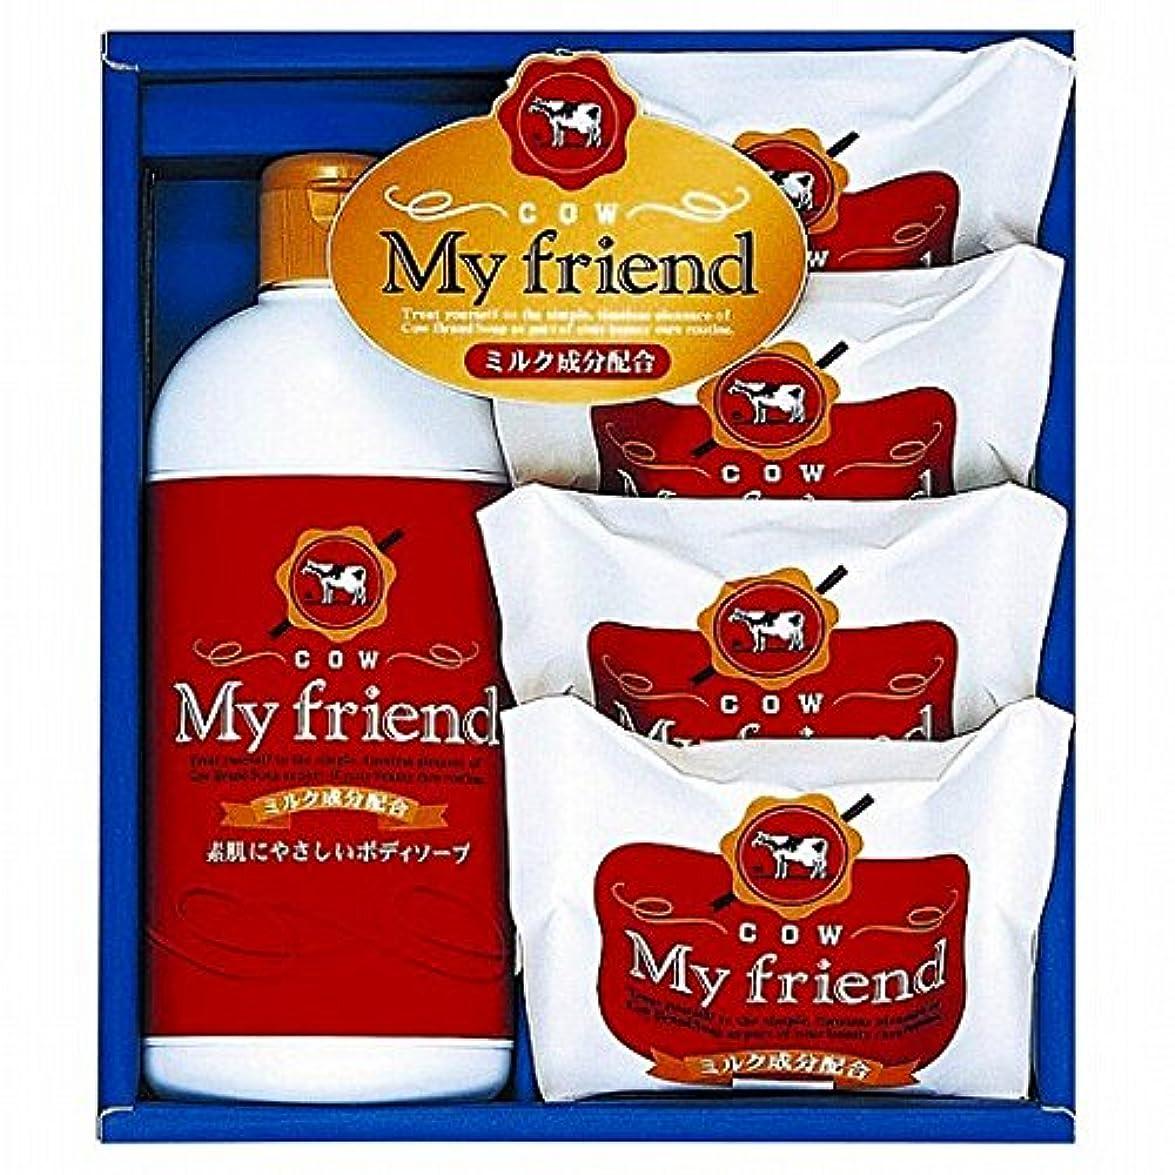 ボックスハント仲人nobrand 牛乳石鹸 マイフレンドボディソープセット (21940007)